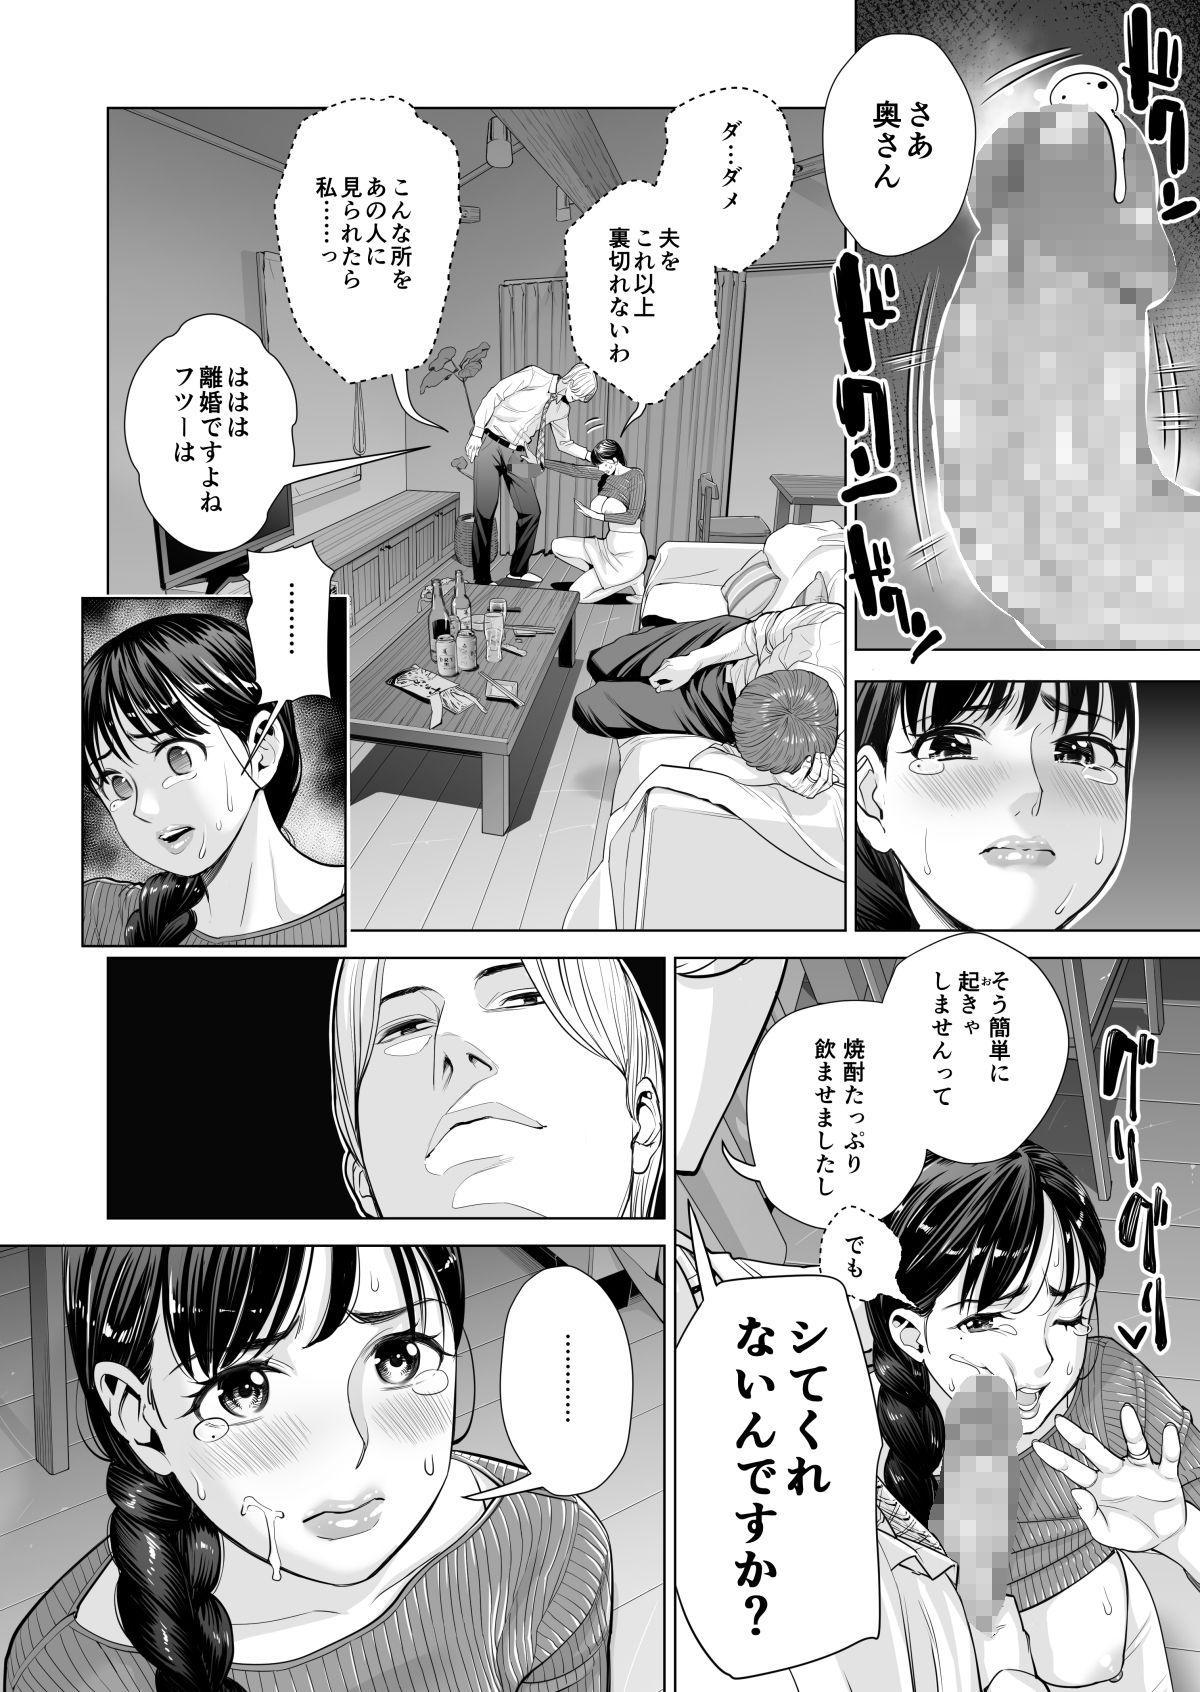 Tsukiyo no Midare Sake 12